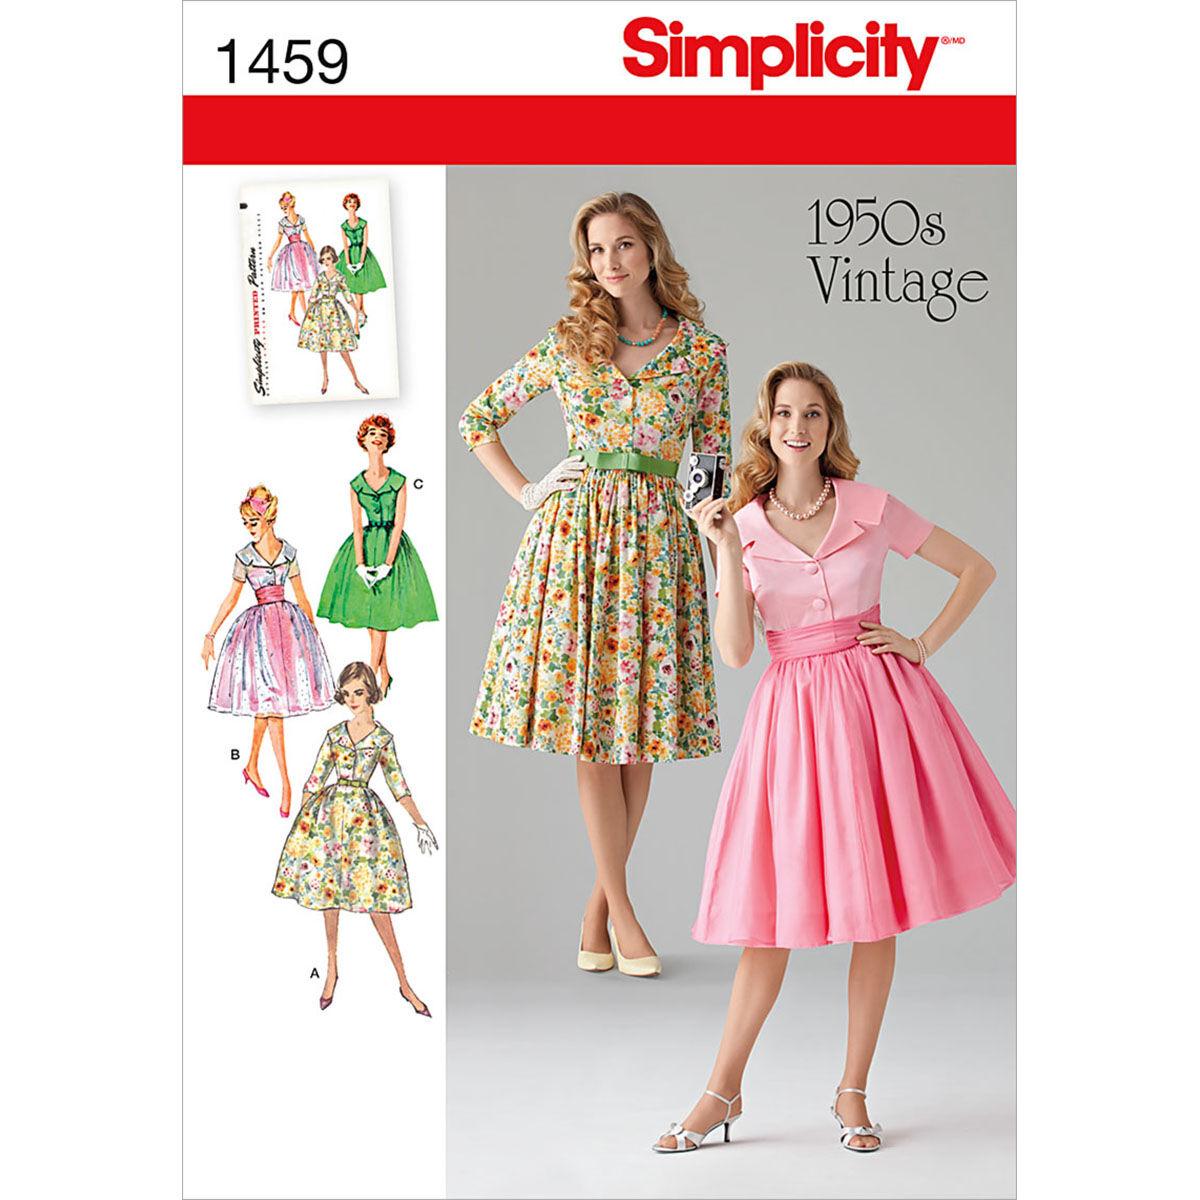 1950s Sewing Patterns | Dresses, Skirts, Tops, Mens Simplicity Pattern 1459K5 8 - 10 - 12 - 14 - Misses Dresses $13.26 AT vintagedancer.com